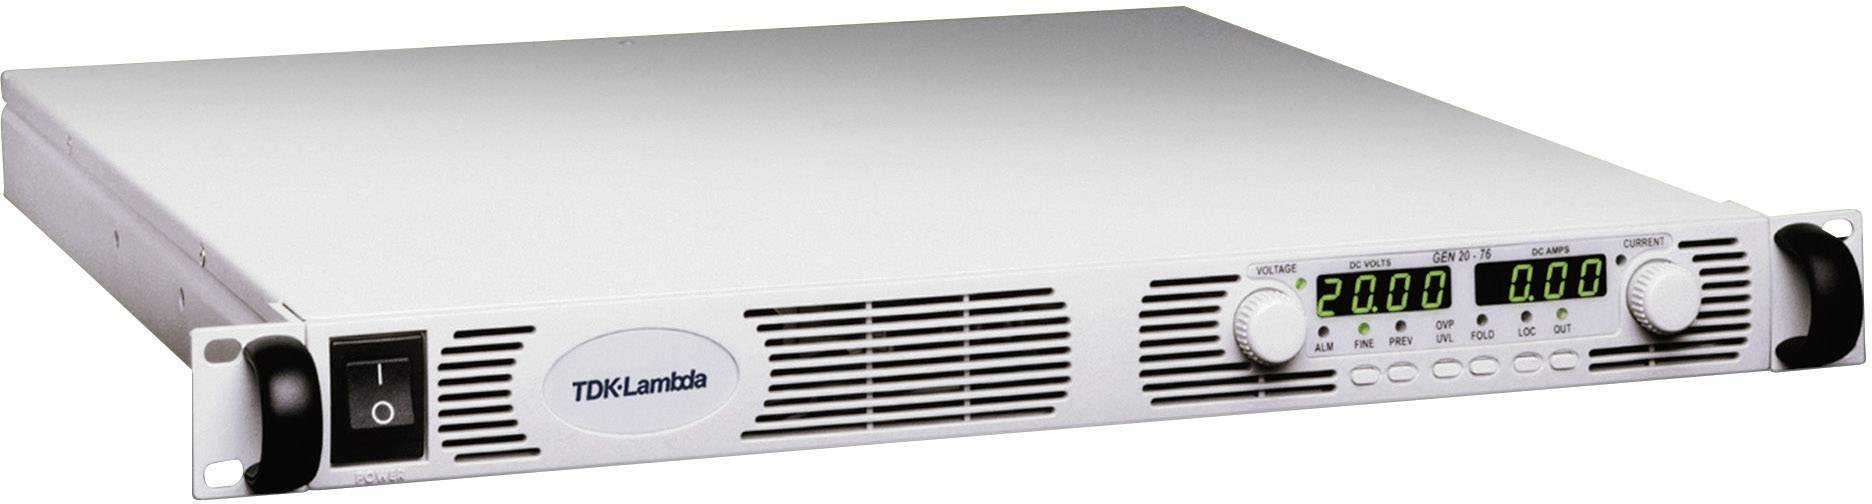 "19"" laboratórny zdroj s nastaviteľným napätím TDK-Lambda GEN-300-5, 0 - 300 V/DC, 0 - 5 A"